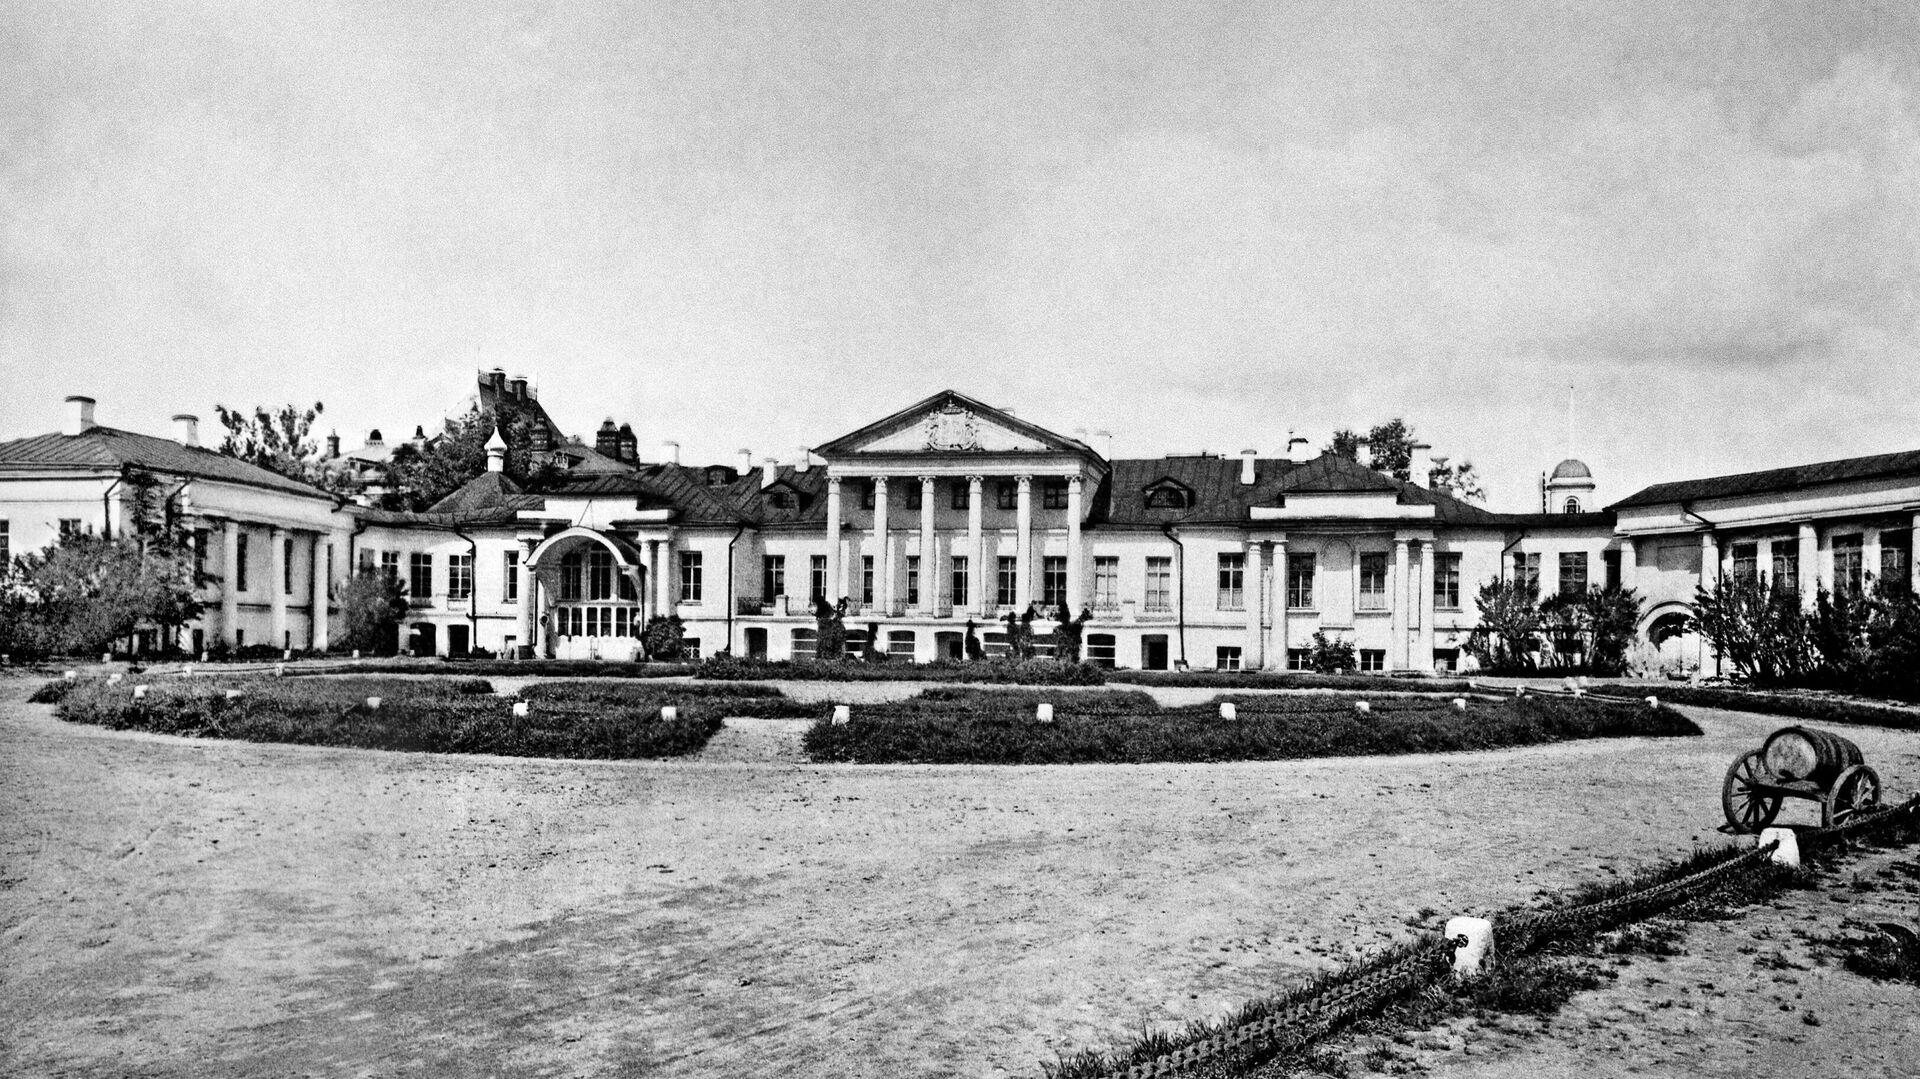 Гуляет вечный Соллогуб… - РИА Новости, 1920, 23.08.2020